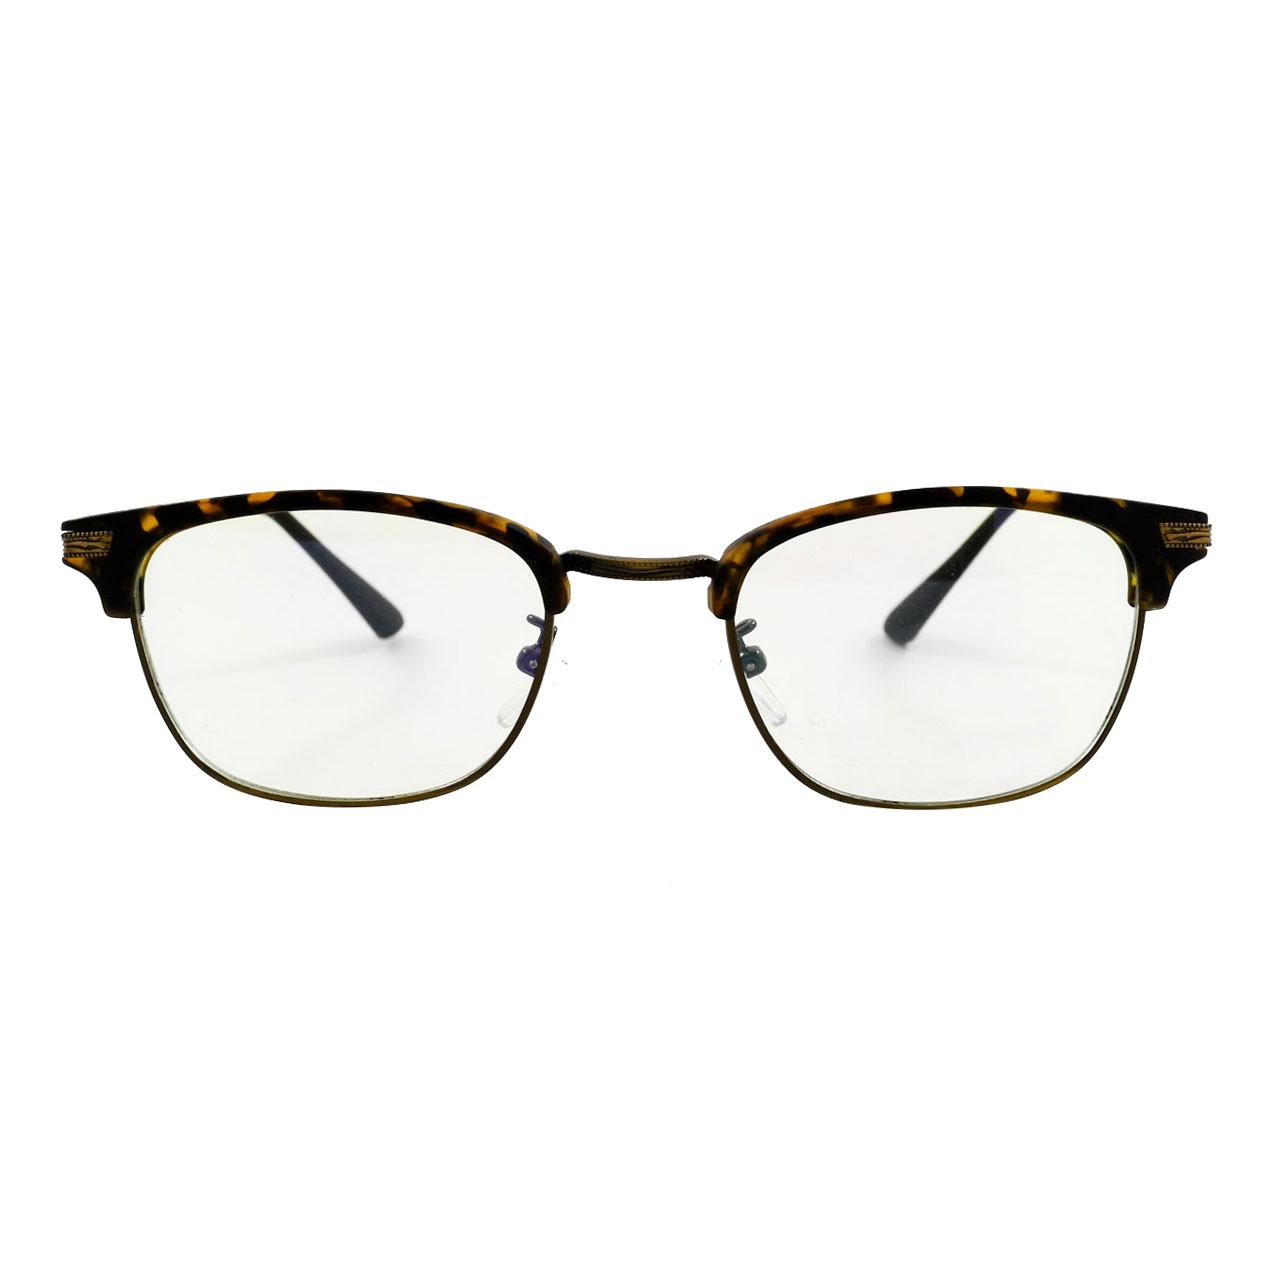 فریم عینک طبی مدل Copper Hearts Series